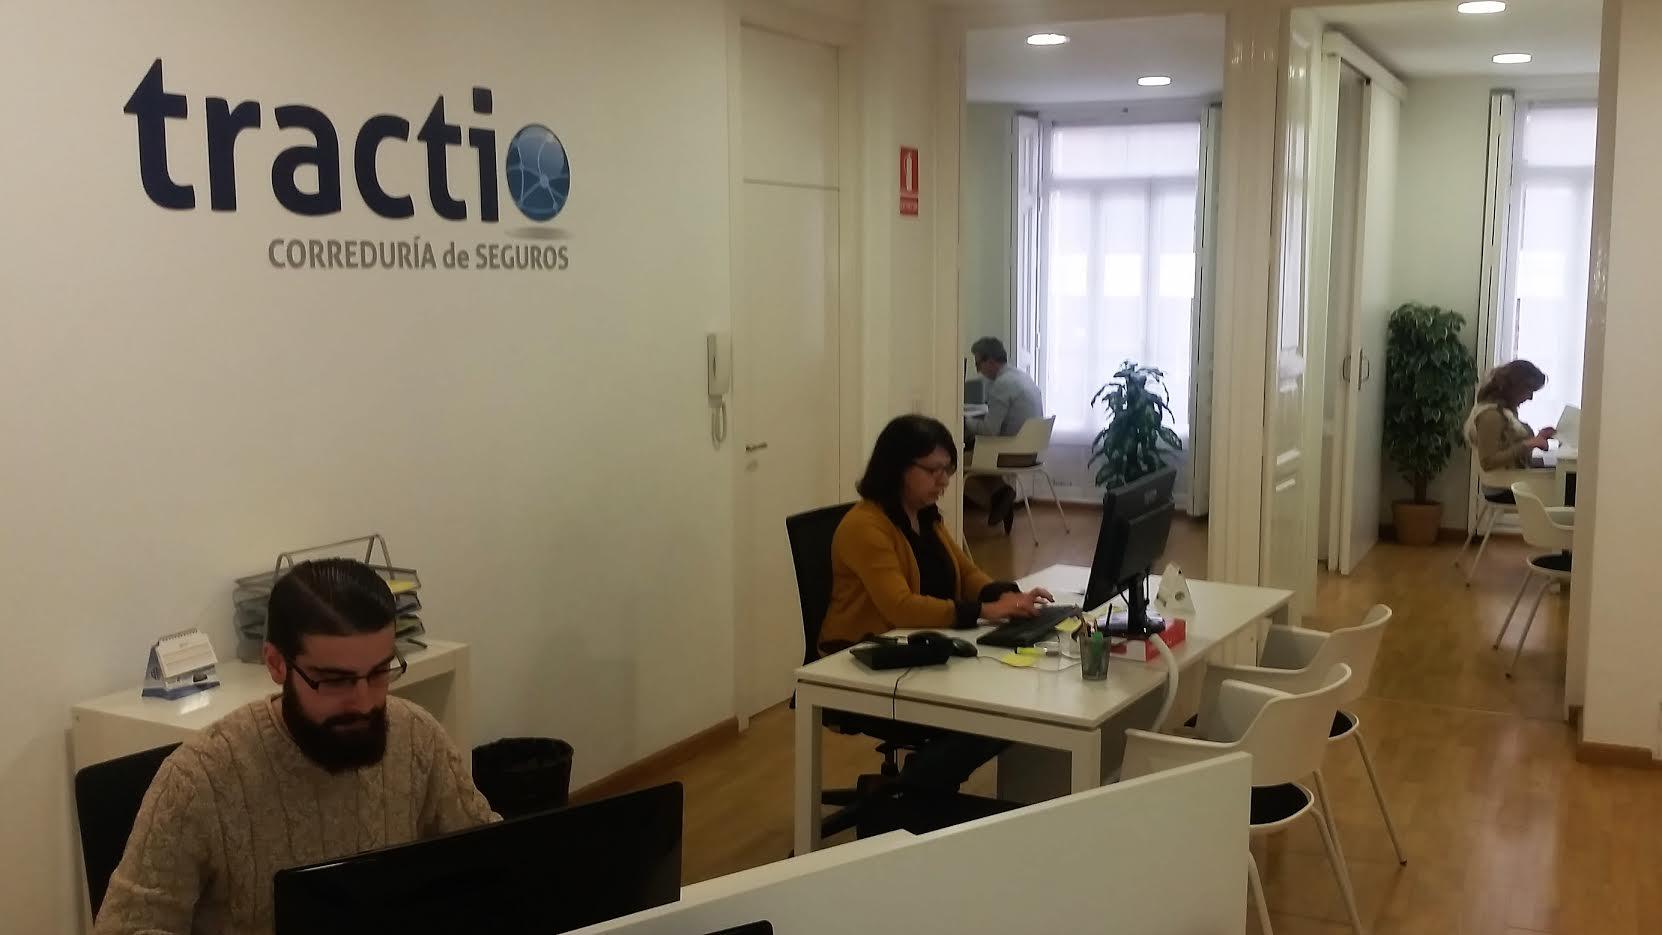 oficinas de tractio